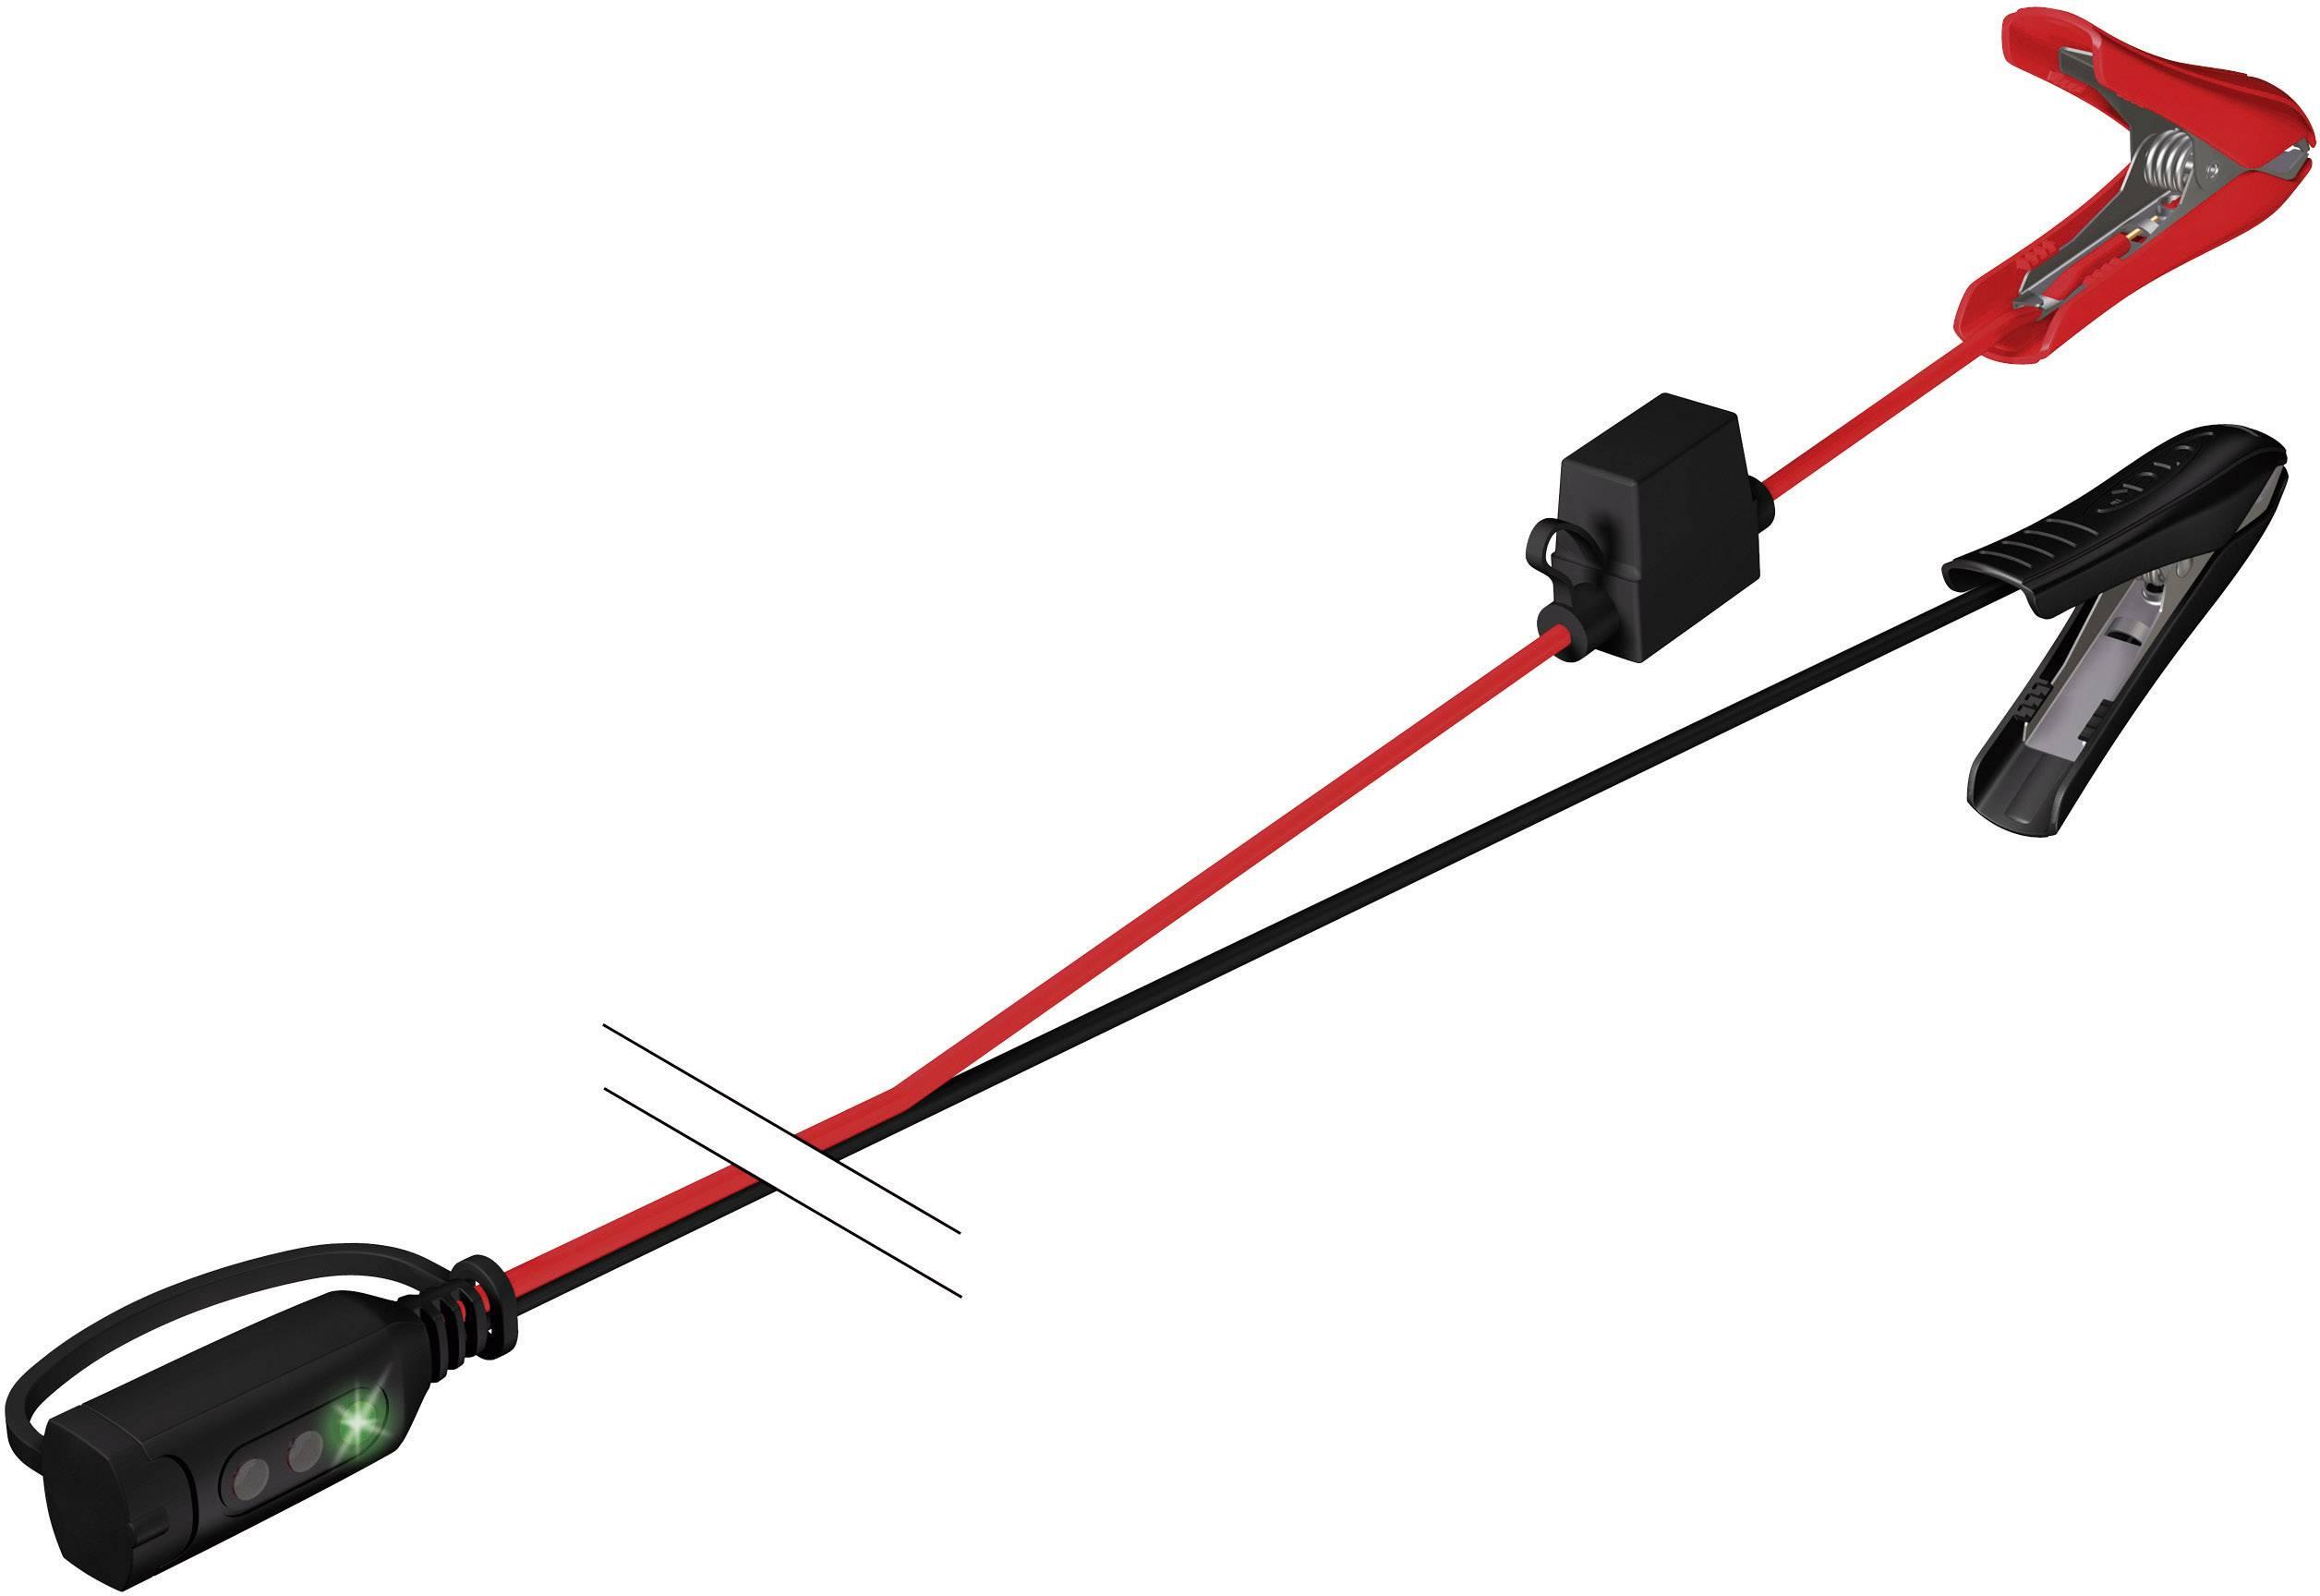 Indikátor stavu nabití CTEK Comfort Indicator, s bateriovými svorkami